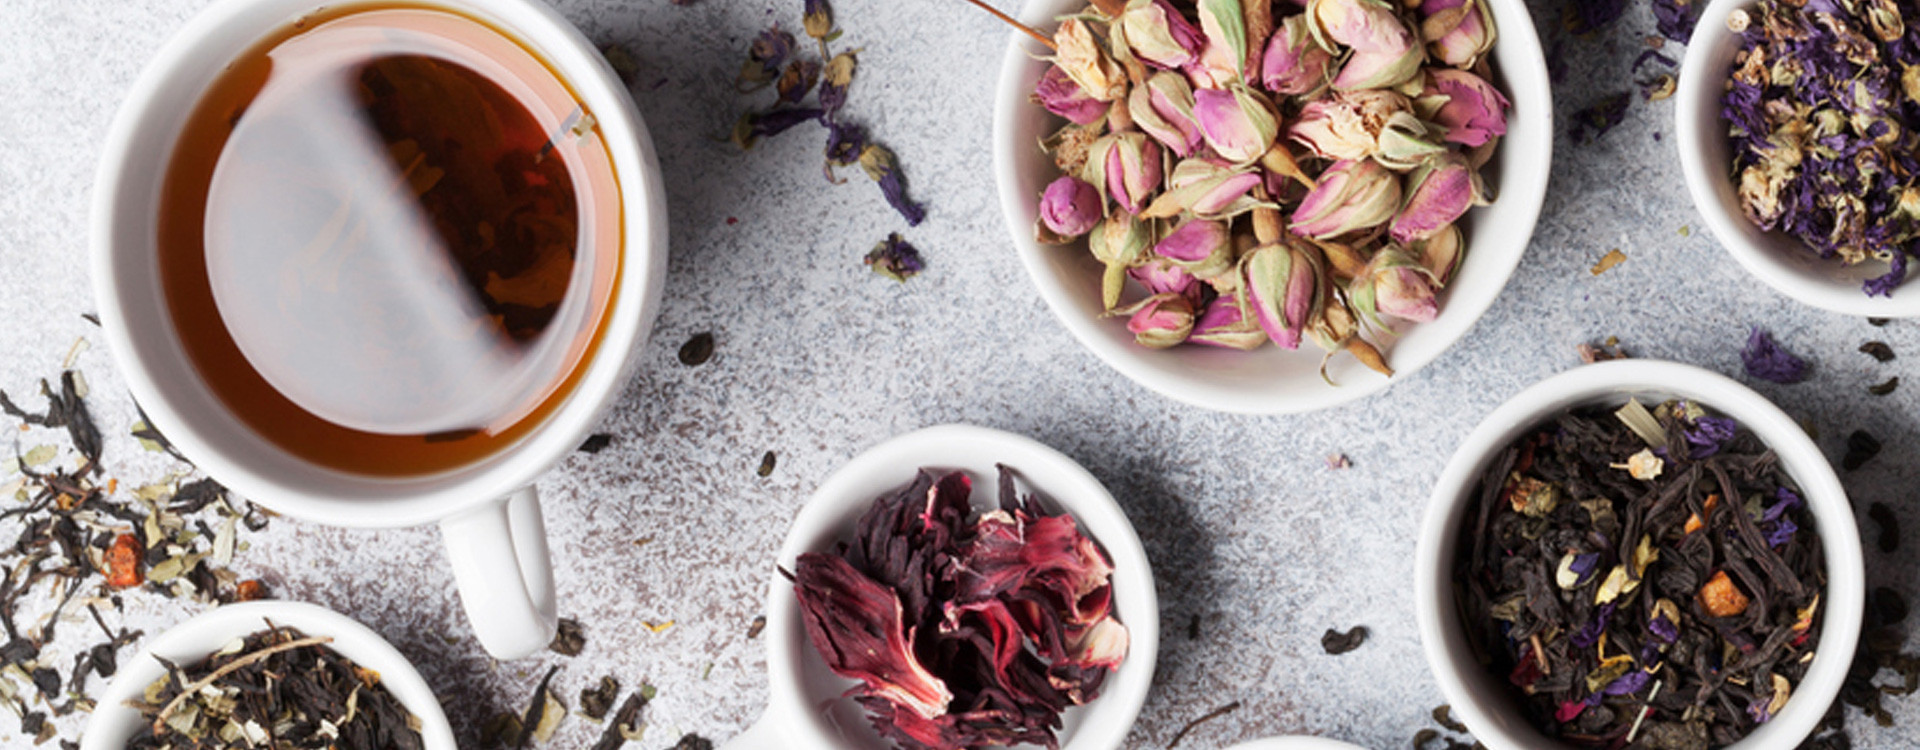 Comment bien infuser du thé en vrac ?